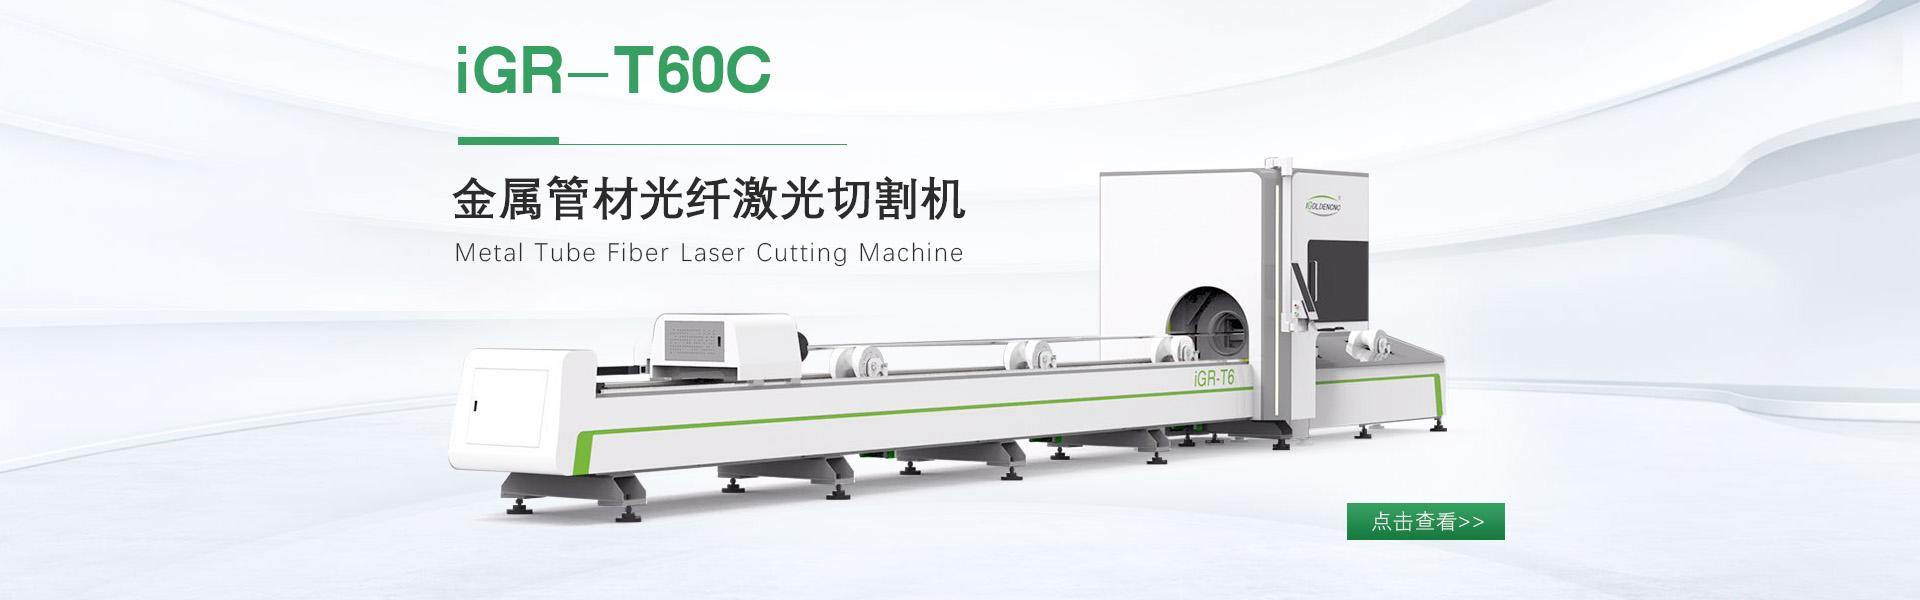 IGR-T60C 金属管材光纤激光切割机